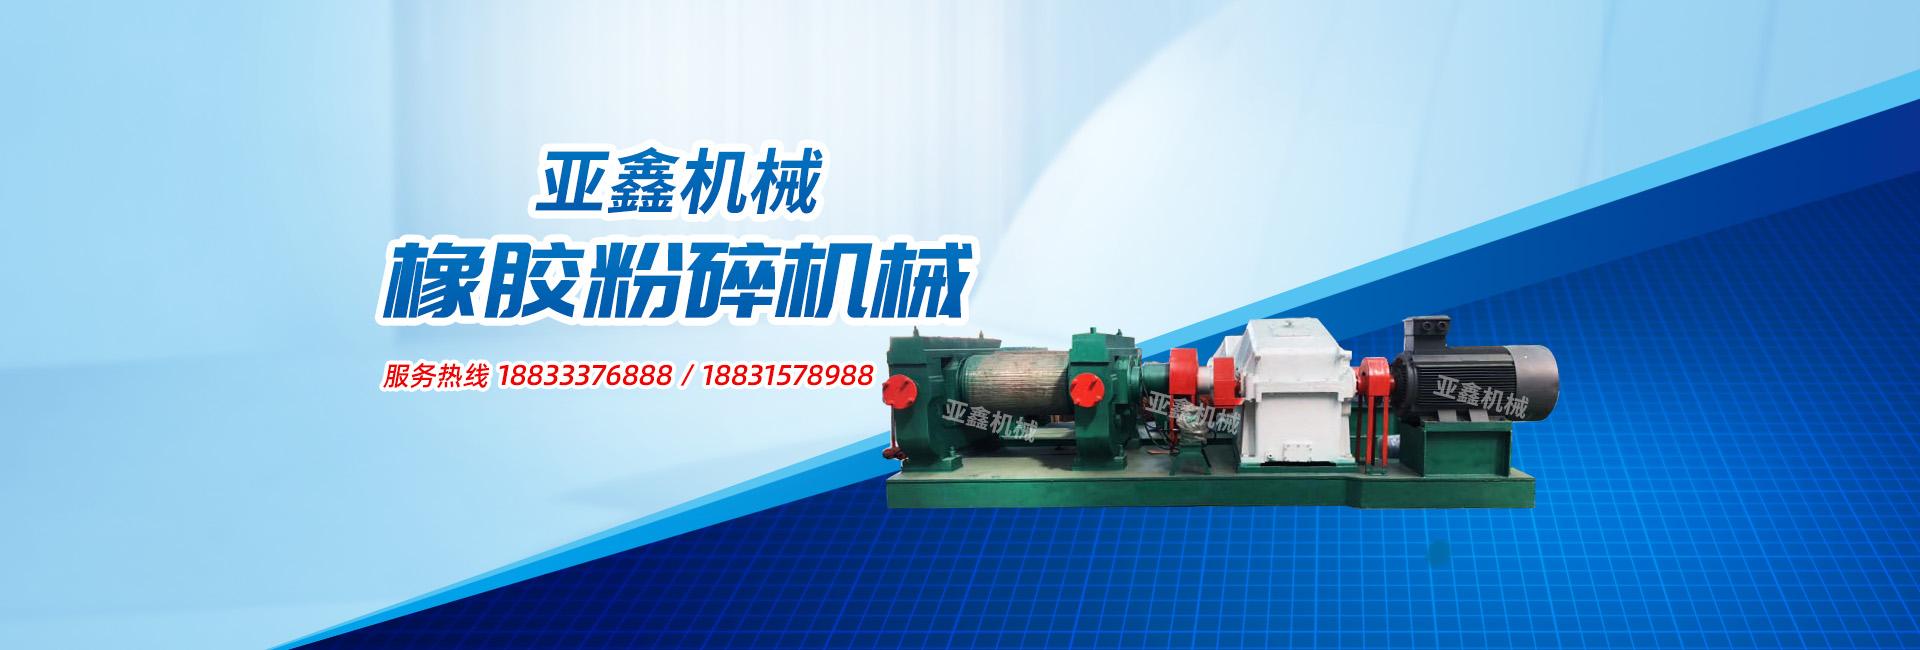 機械廠-振動篩-輸送機